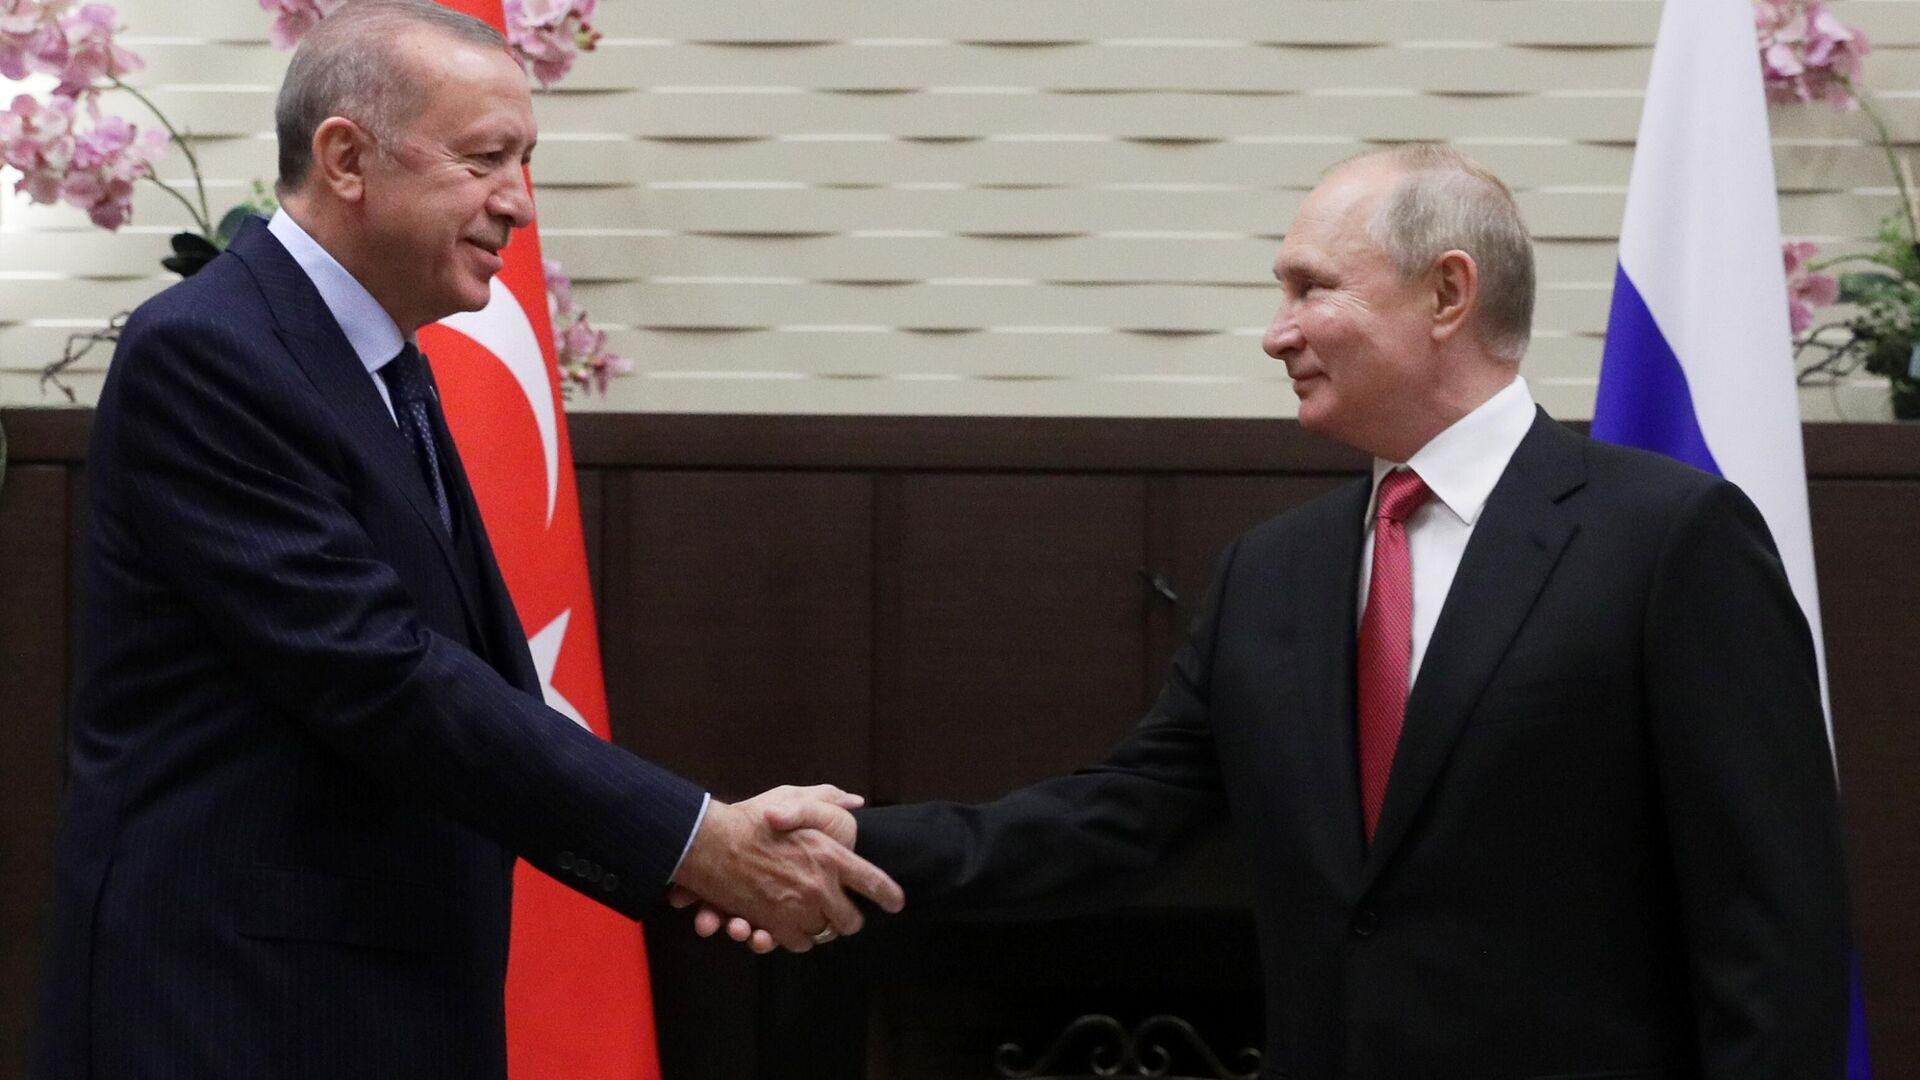 El presidente turco, Recep Tayyip Erdogan, y el presidente de Rusia, Vladímir Putin - Sputnik Mundo, 1920, 29.09.2021